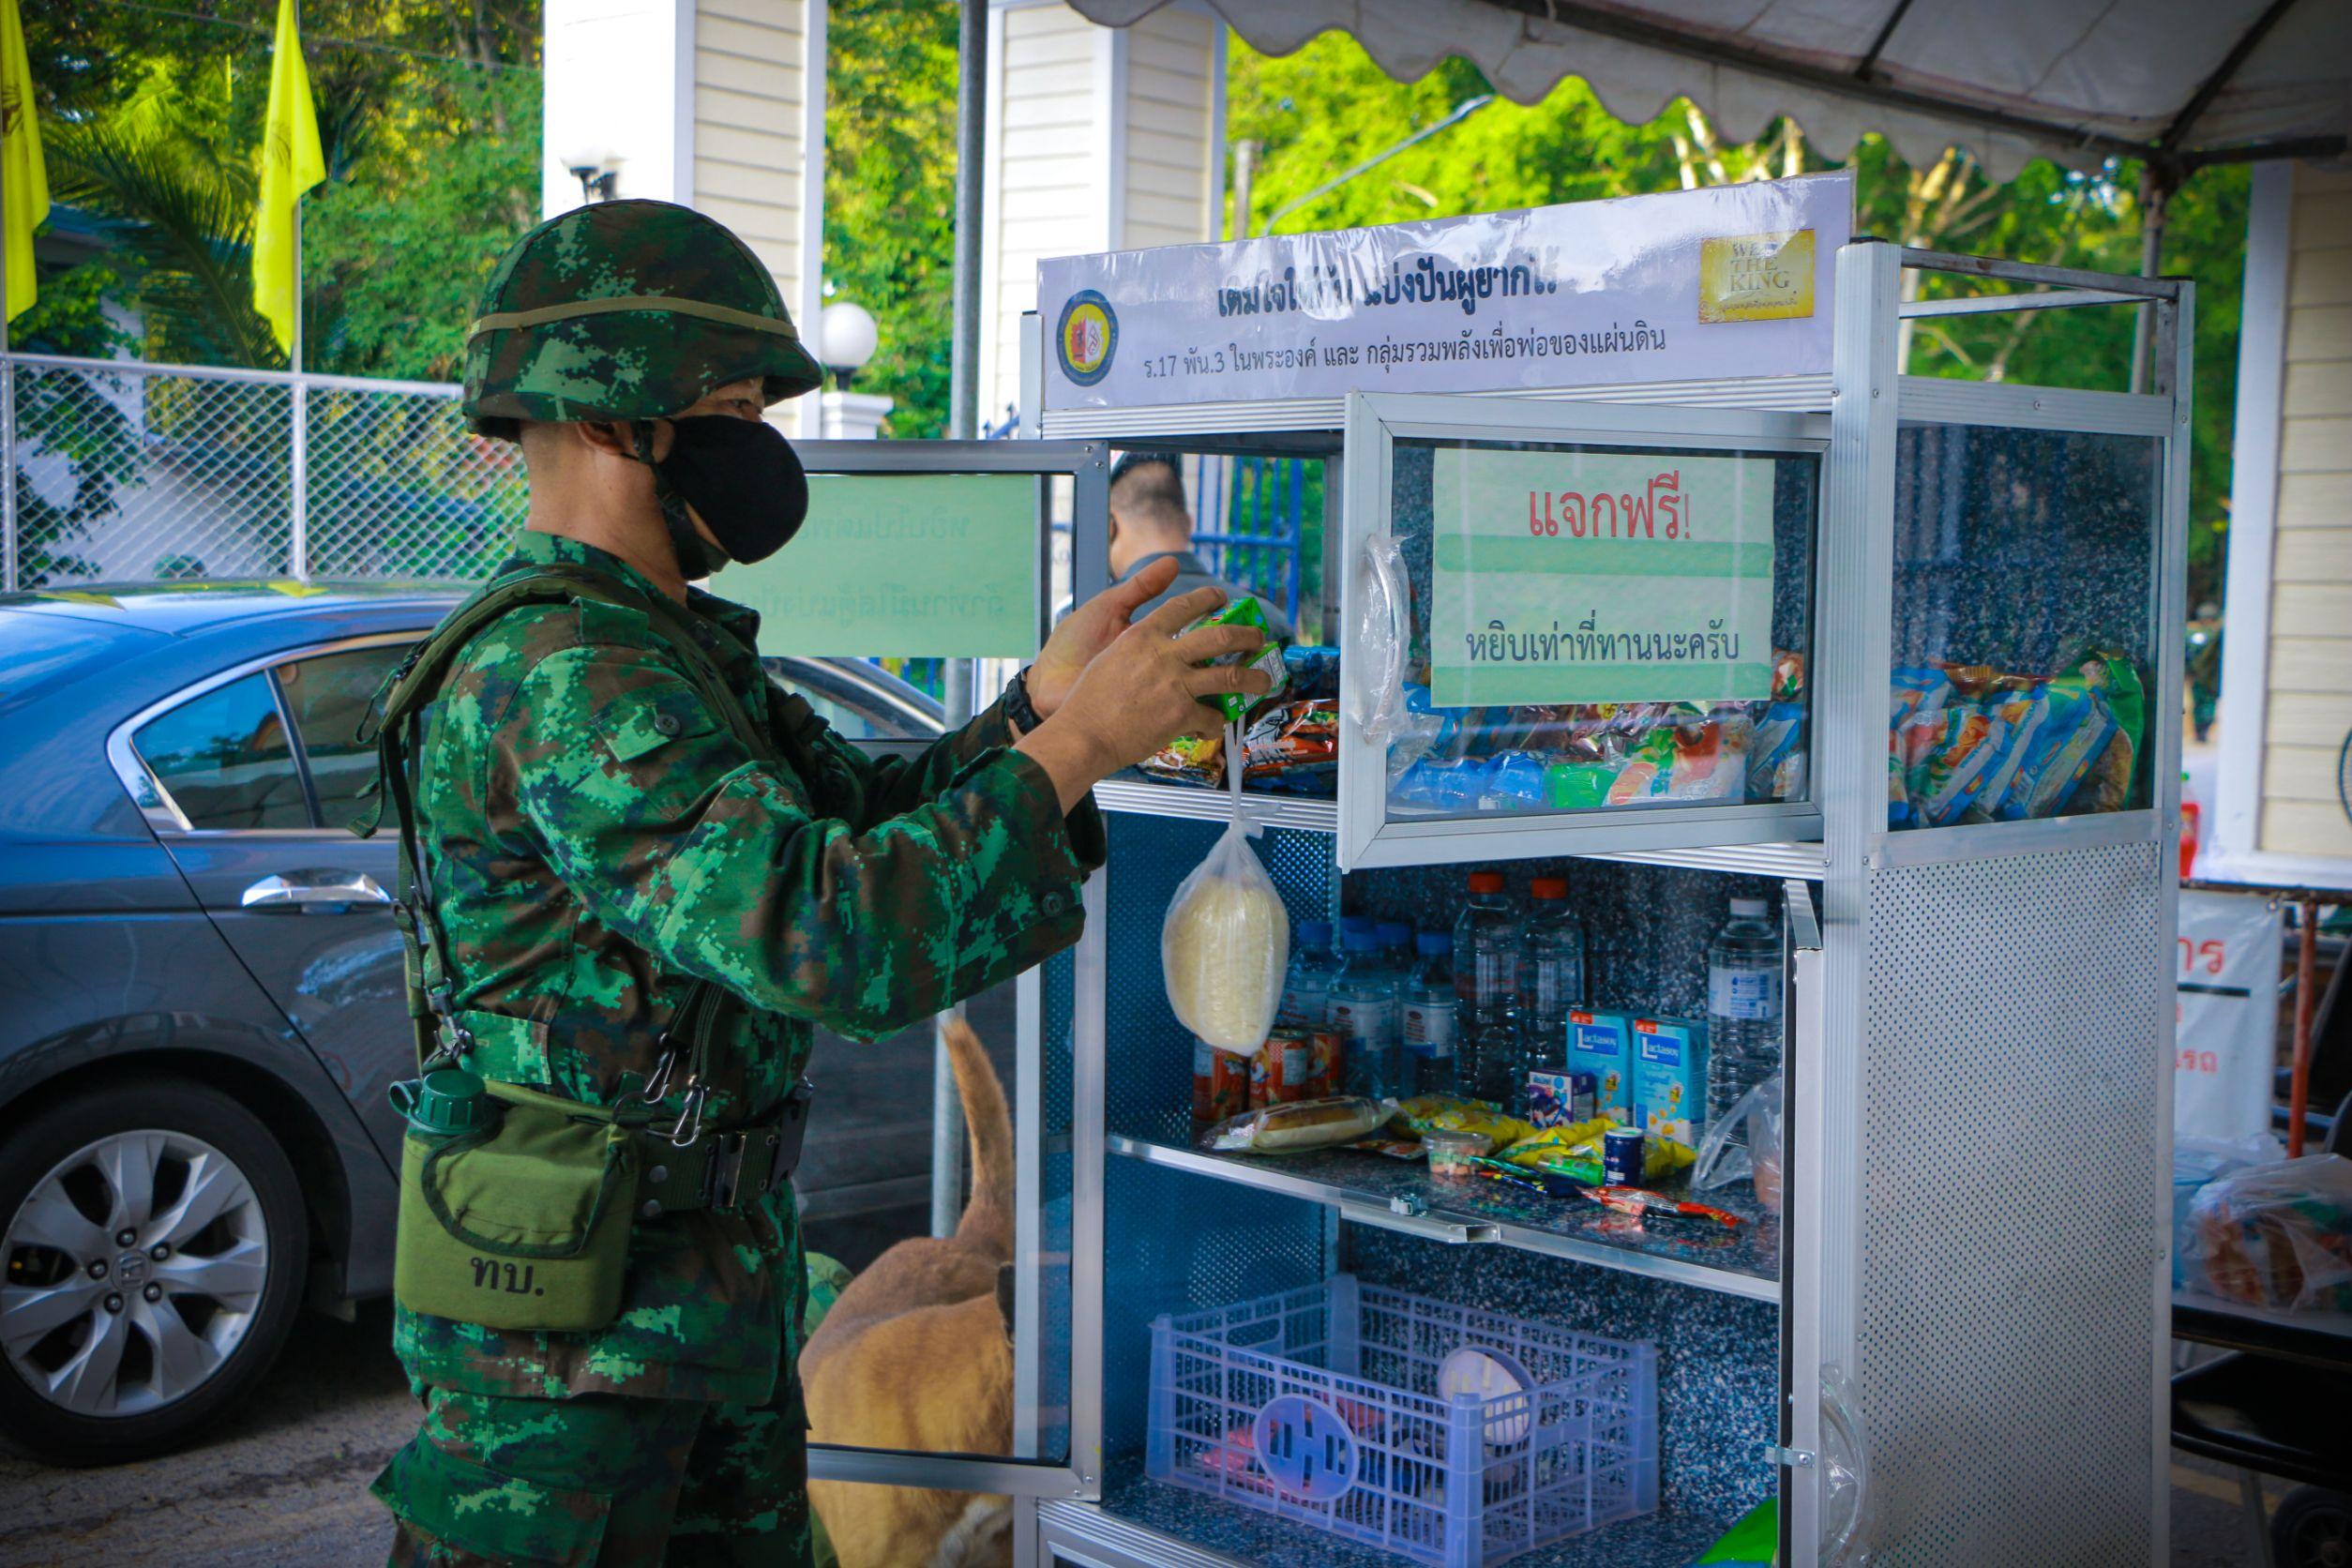 ทหารนำกำลังพลจิตอาสานำข้าวสาร อาหารแห้ง และน้ำดื่ม ใส่ตู้ปันสุขเติมใจให้กันแบ่งปันผู้ยากไร้ สู้ภัยโควิด 19